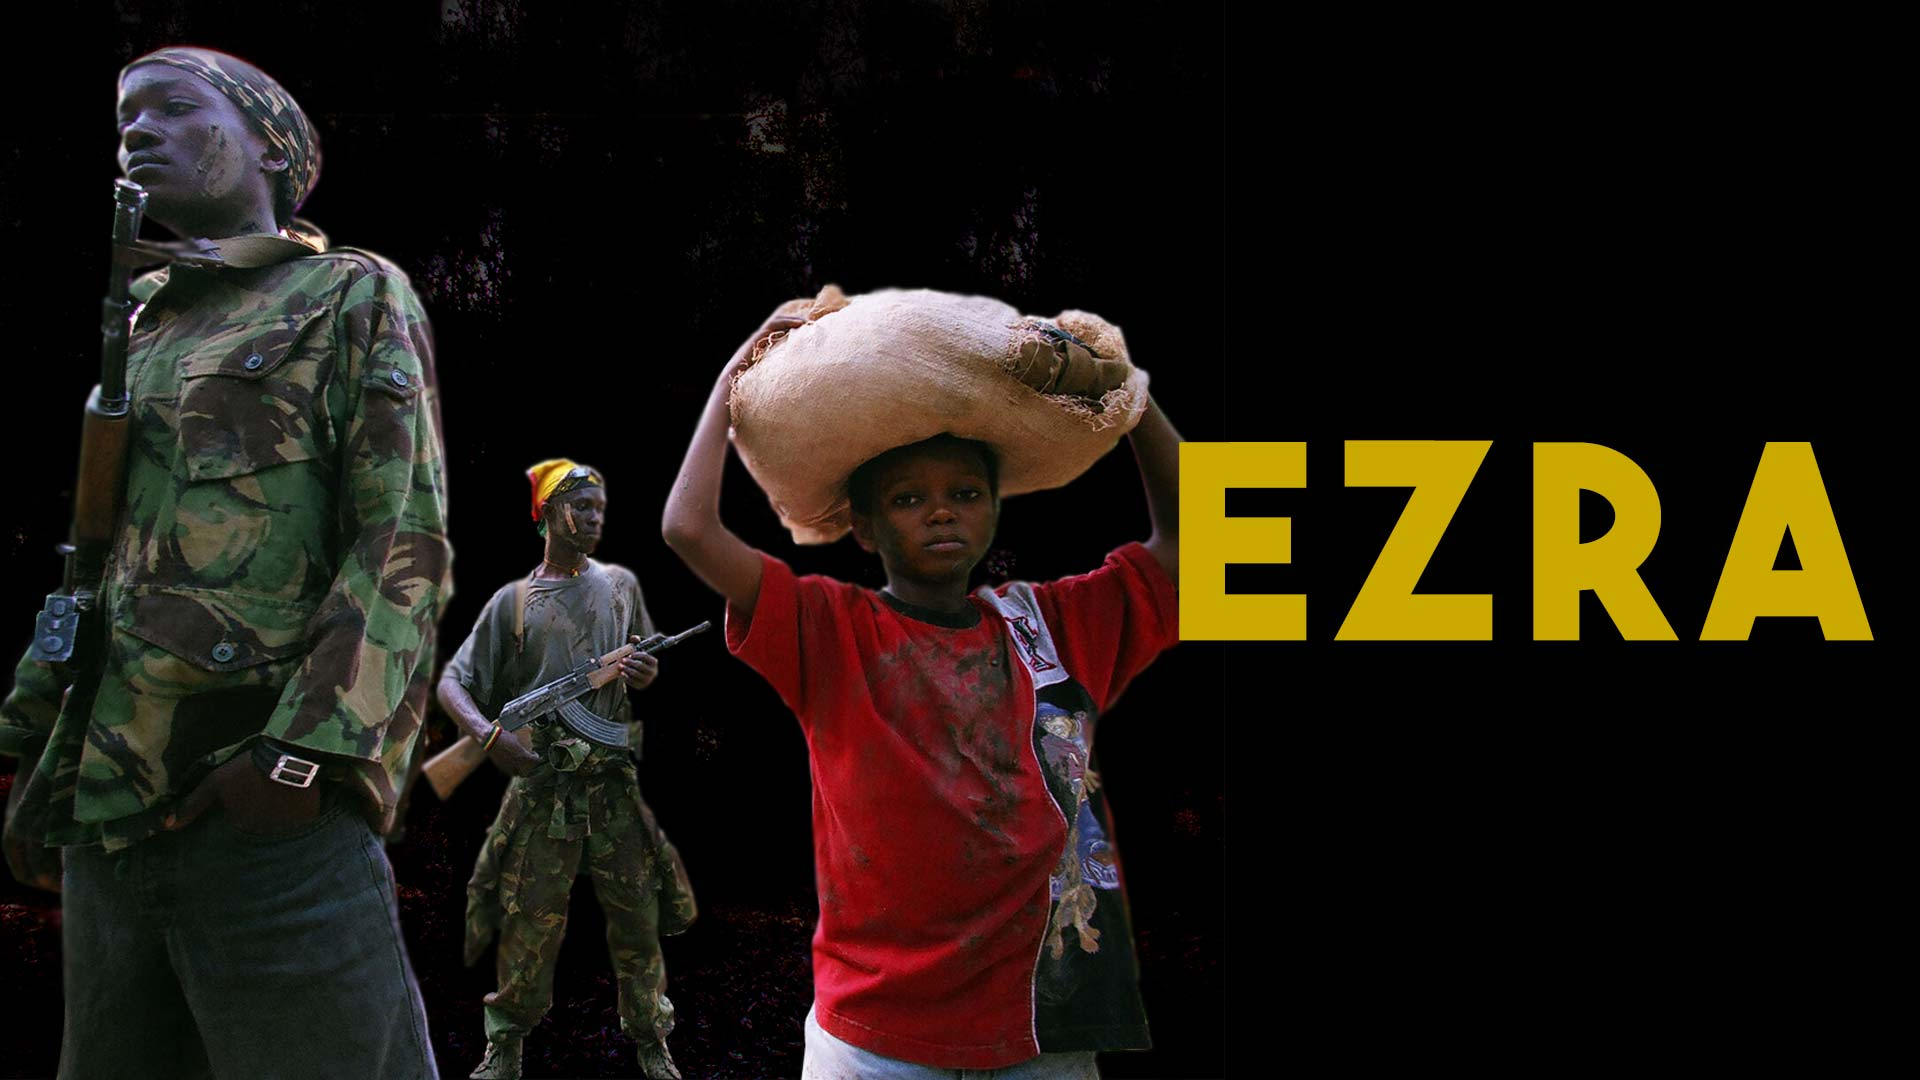 Ezra - image